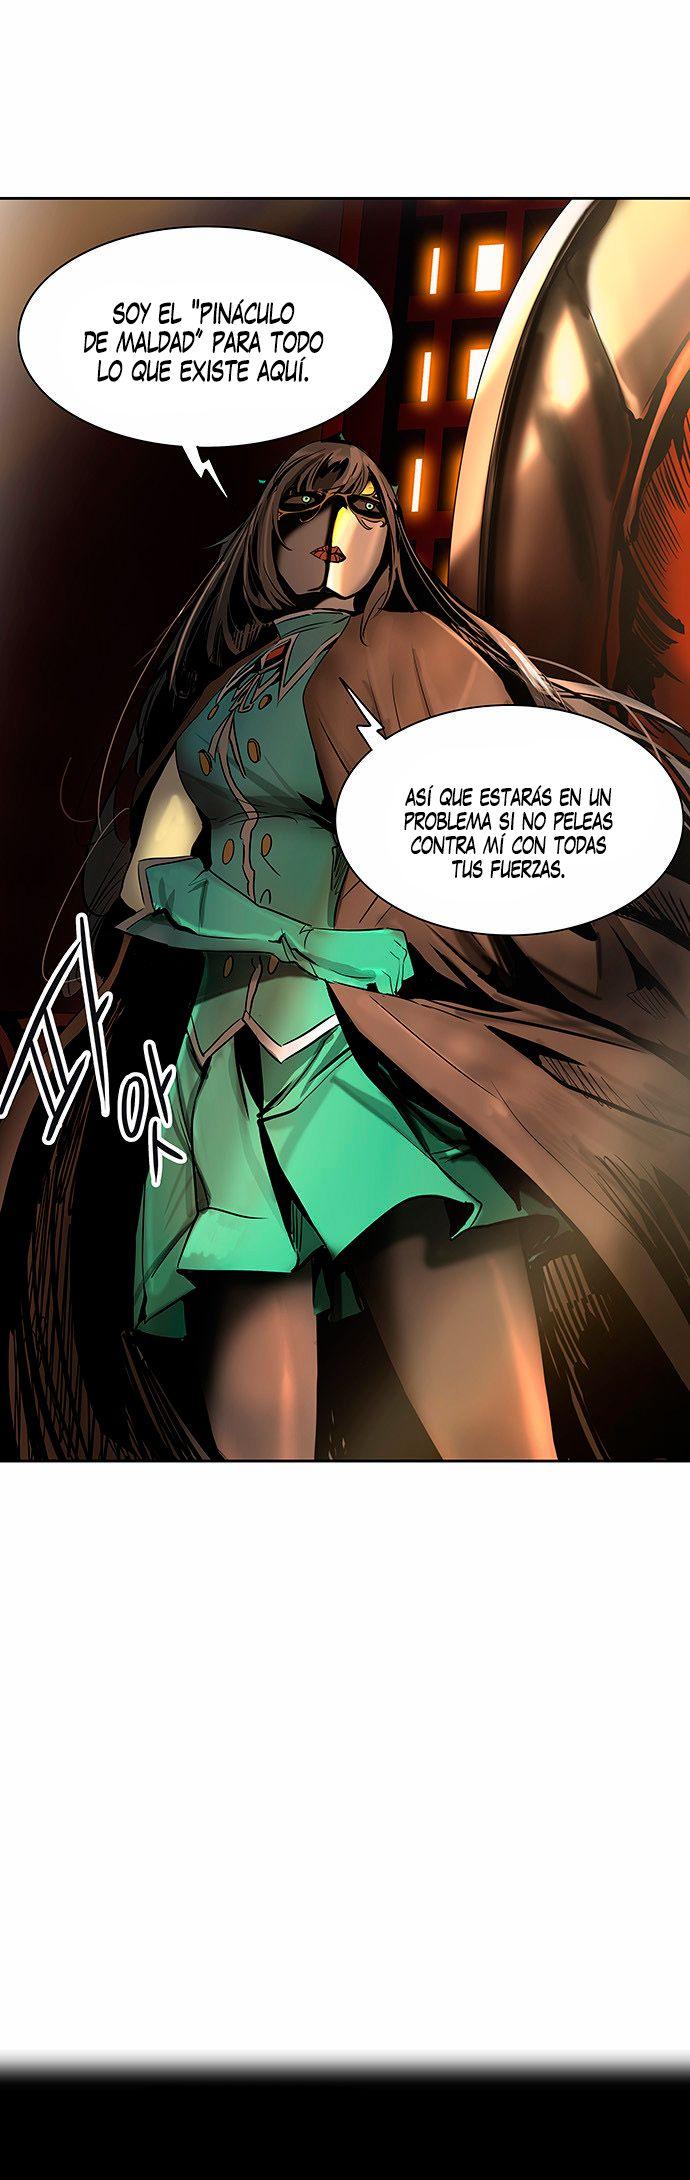 http://c5.ninemanga.com/es_manga/pic2/21/149/502831/304cdd05f67e3dd4379b3474d7109575.jpg Page 7